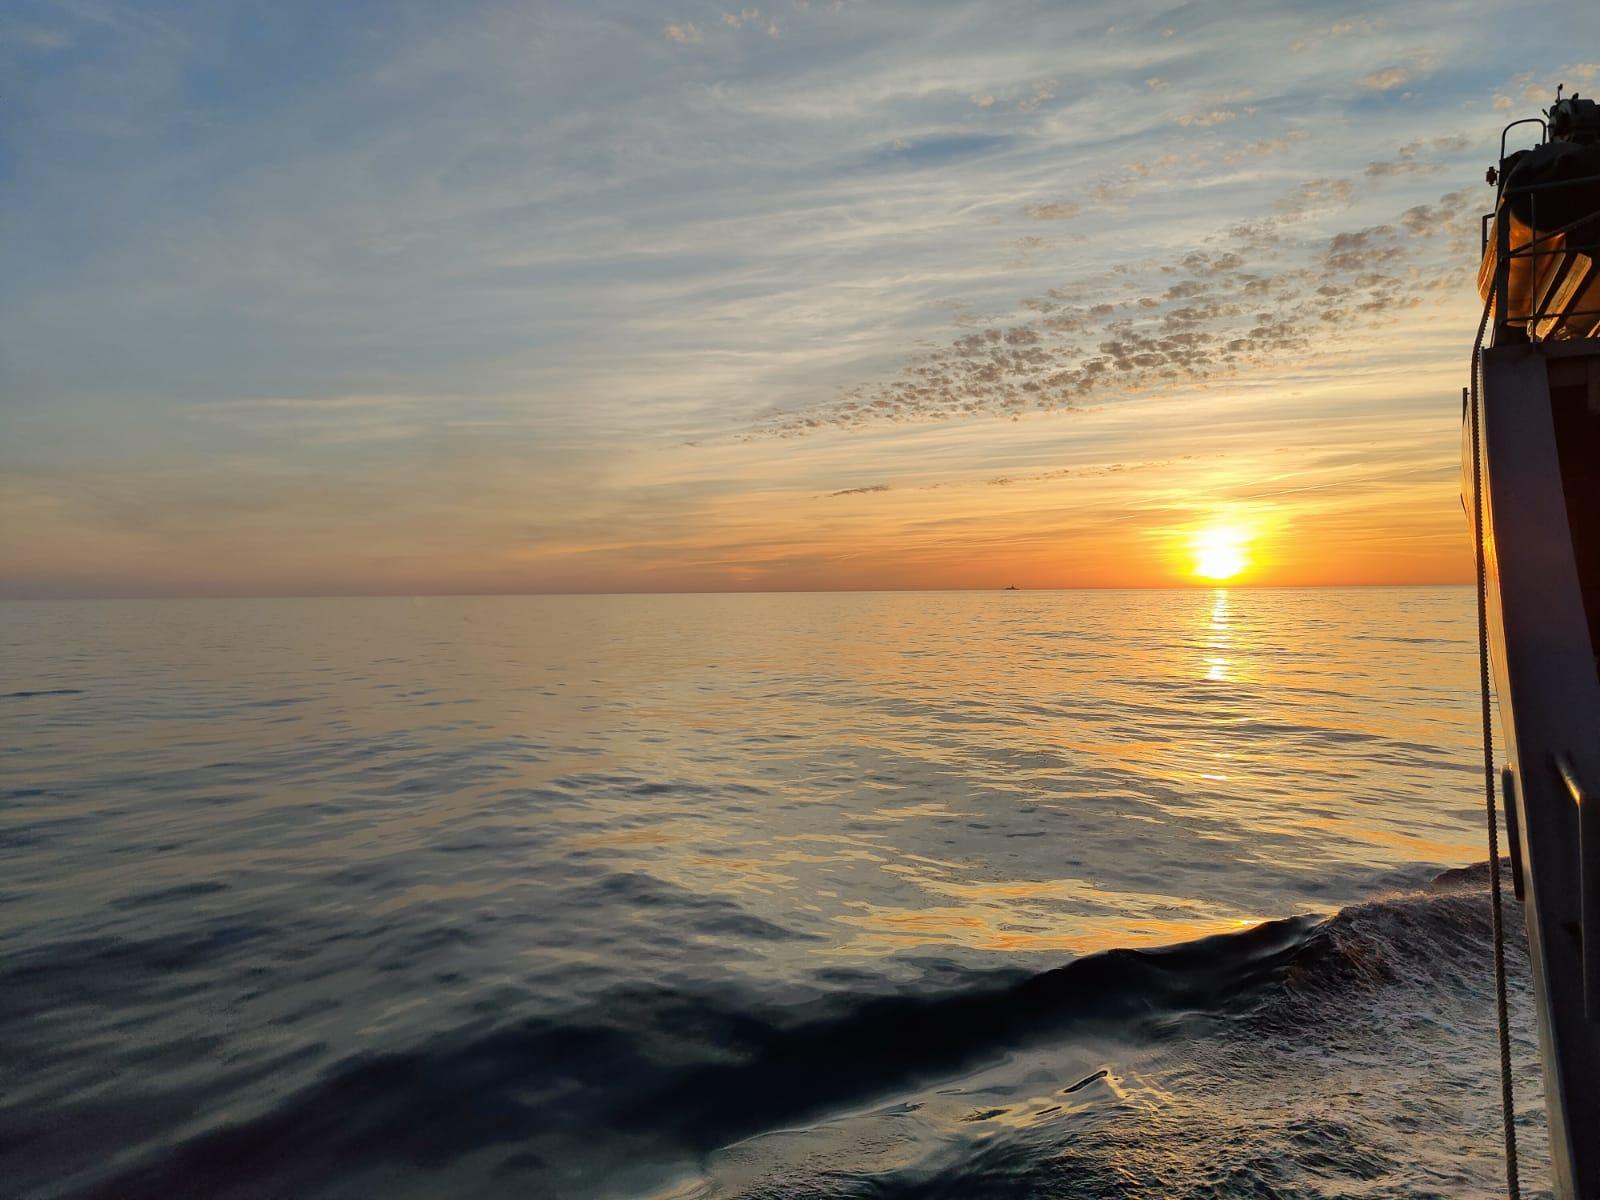 Si frente al amanecer de un nnuevo día usted se estremece, puede que haya un atisbo de esperanza para la Humanidad (foto cedida por M. Holguín Mohedas)